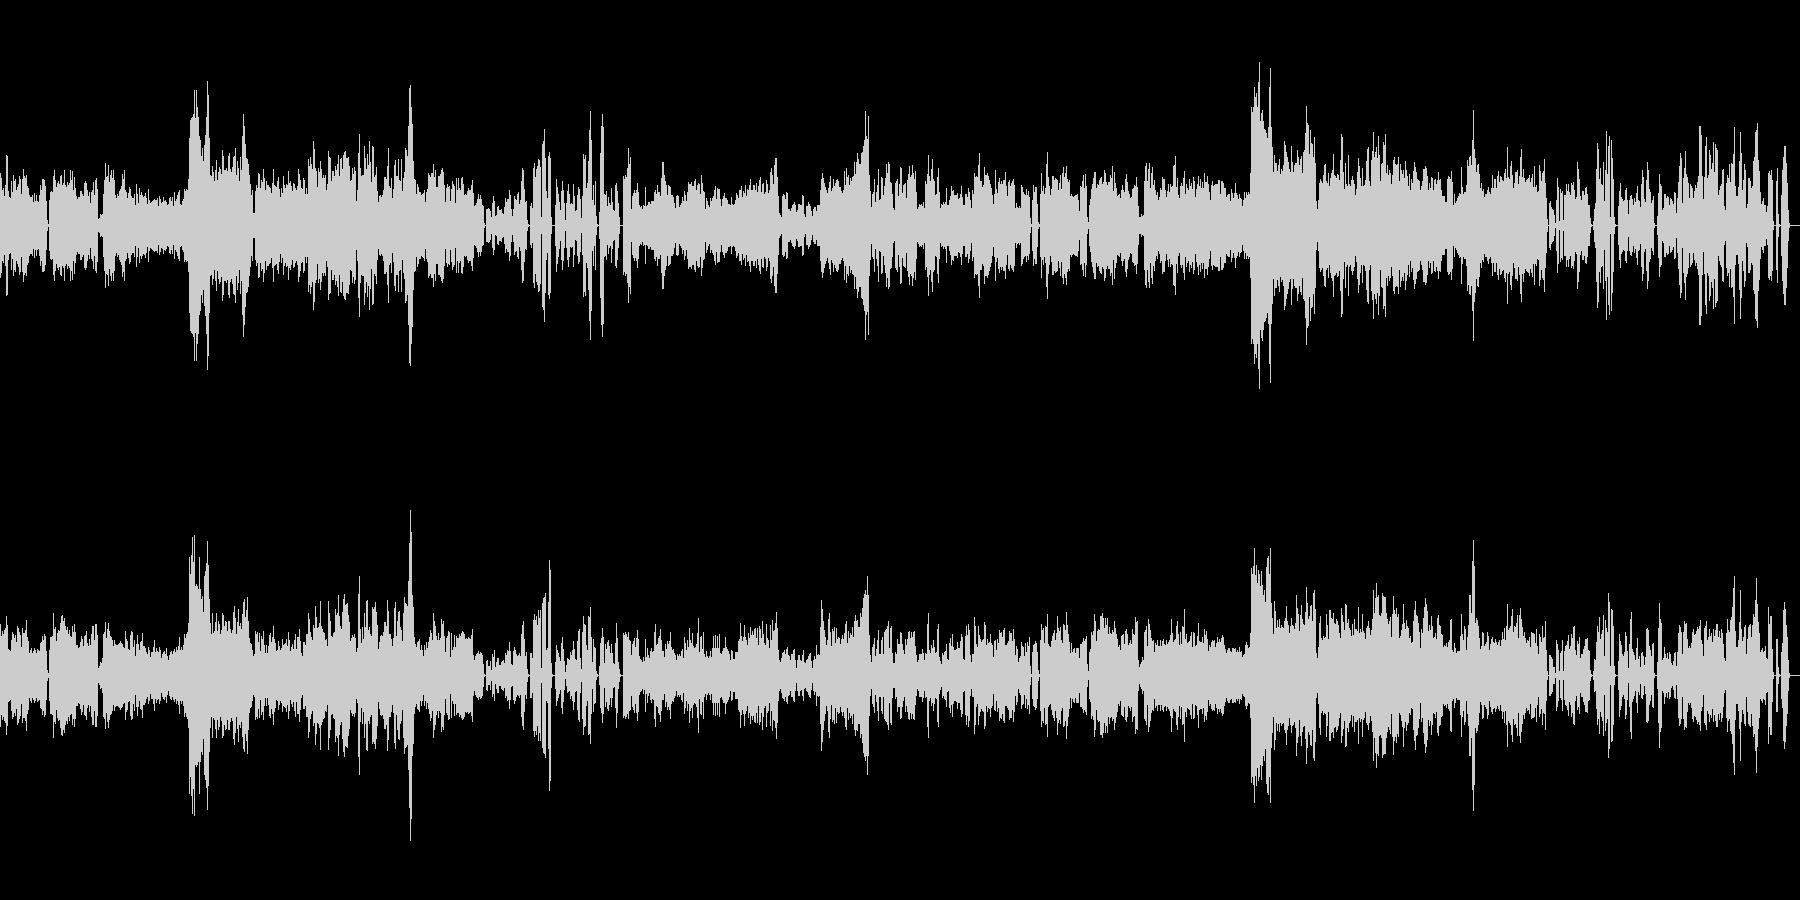 シューベルト「ピアノソナタ変ロ長調」の未再生の波形